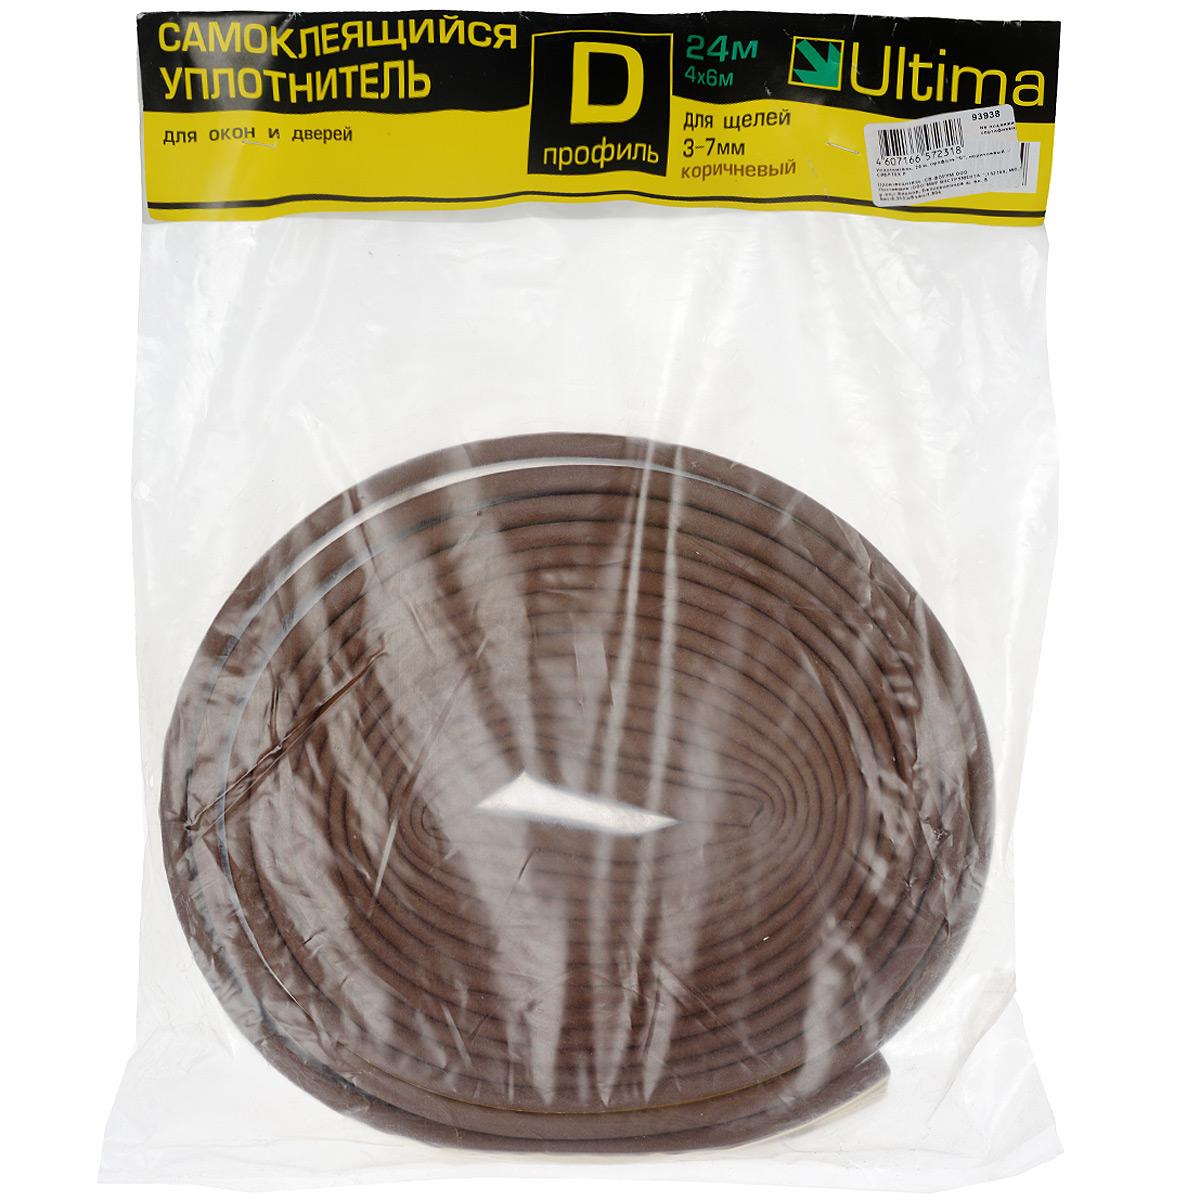 Уплотнитель самоклеящийся Ultima, профиль D, цвет: коричневый, 24 м93938Универсальный уплотнитель Ultima коричневого цвета из вспененной резины EPDM, с уже нанесенным клеящим составом. Предназначен для уплотнения зазоров 3-7 мм в рамах окон и дверей, с целью предотвращения подсосов воздуха, пыли и защиты от шума. Образующаяся воздушная камера обеспечивает дополнительную шумо- и теплоизоляцию. Клеящий слой защищен от высыхания и смазывания бумажной лентой. При удалении не повреждает окрашенную поверхность. Хорошая адгезия клеящего слоя. Профиль D.